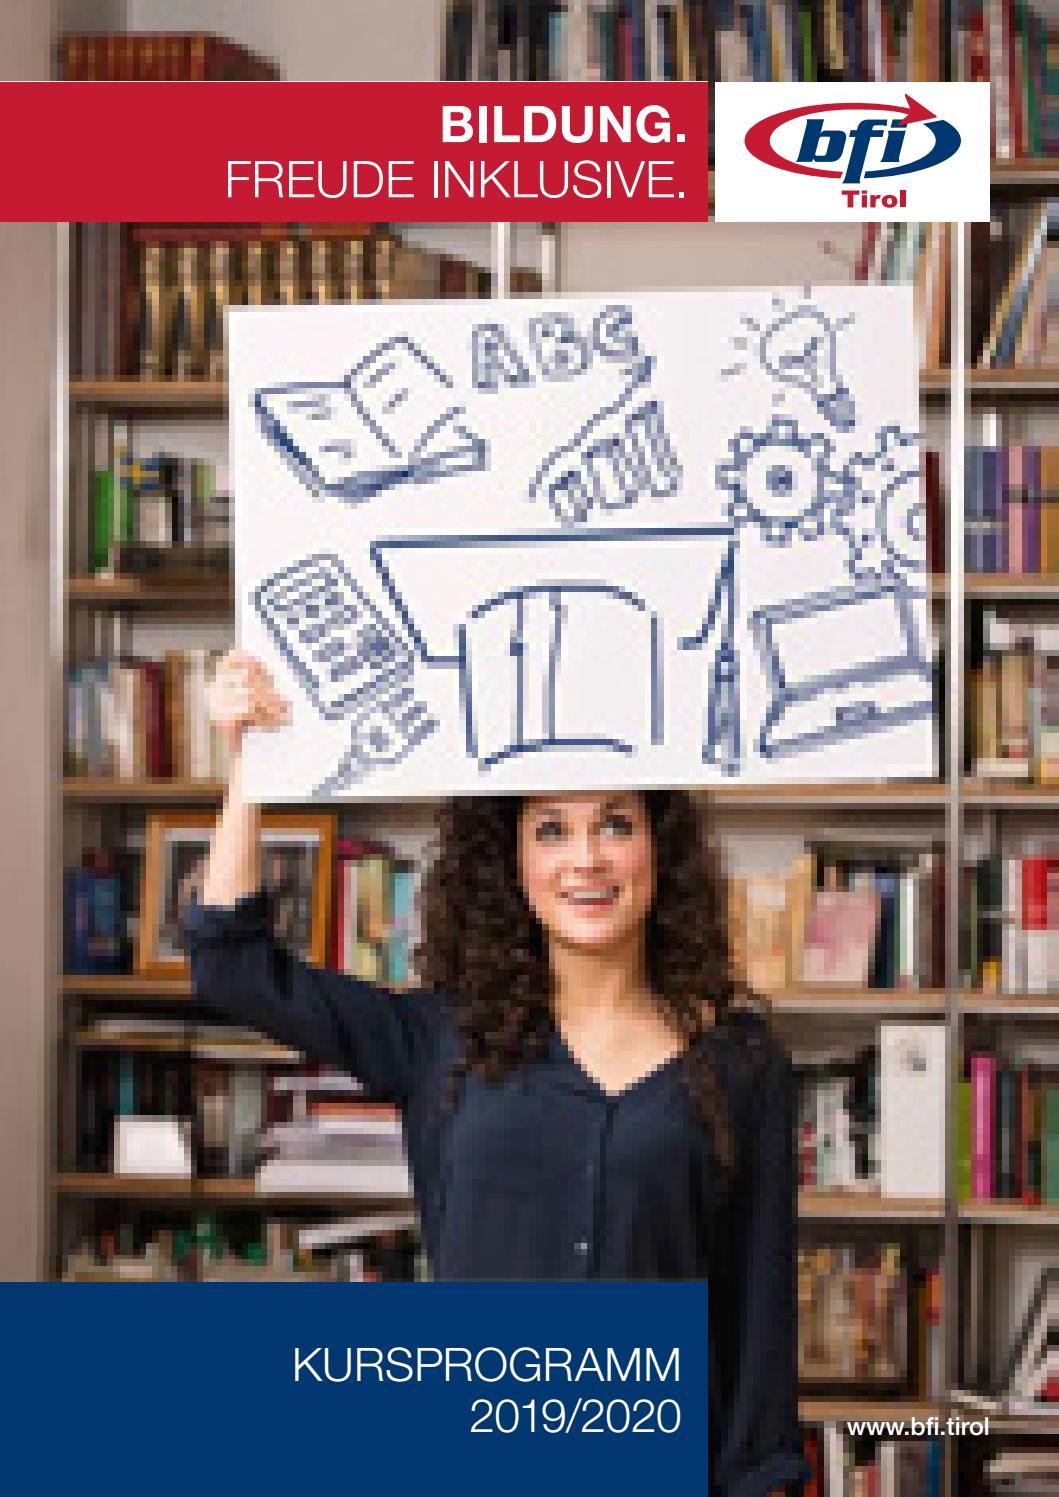 Studienberatungen in sterreich: bersicht & Anbieter